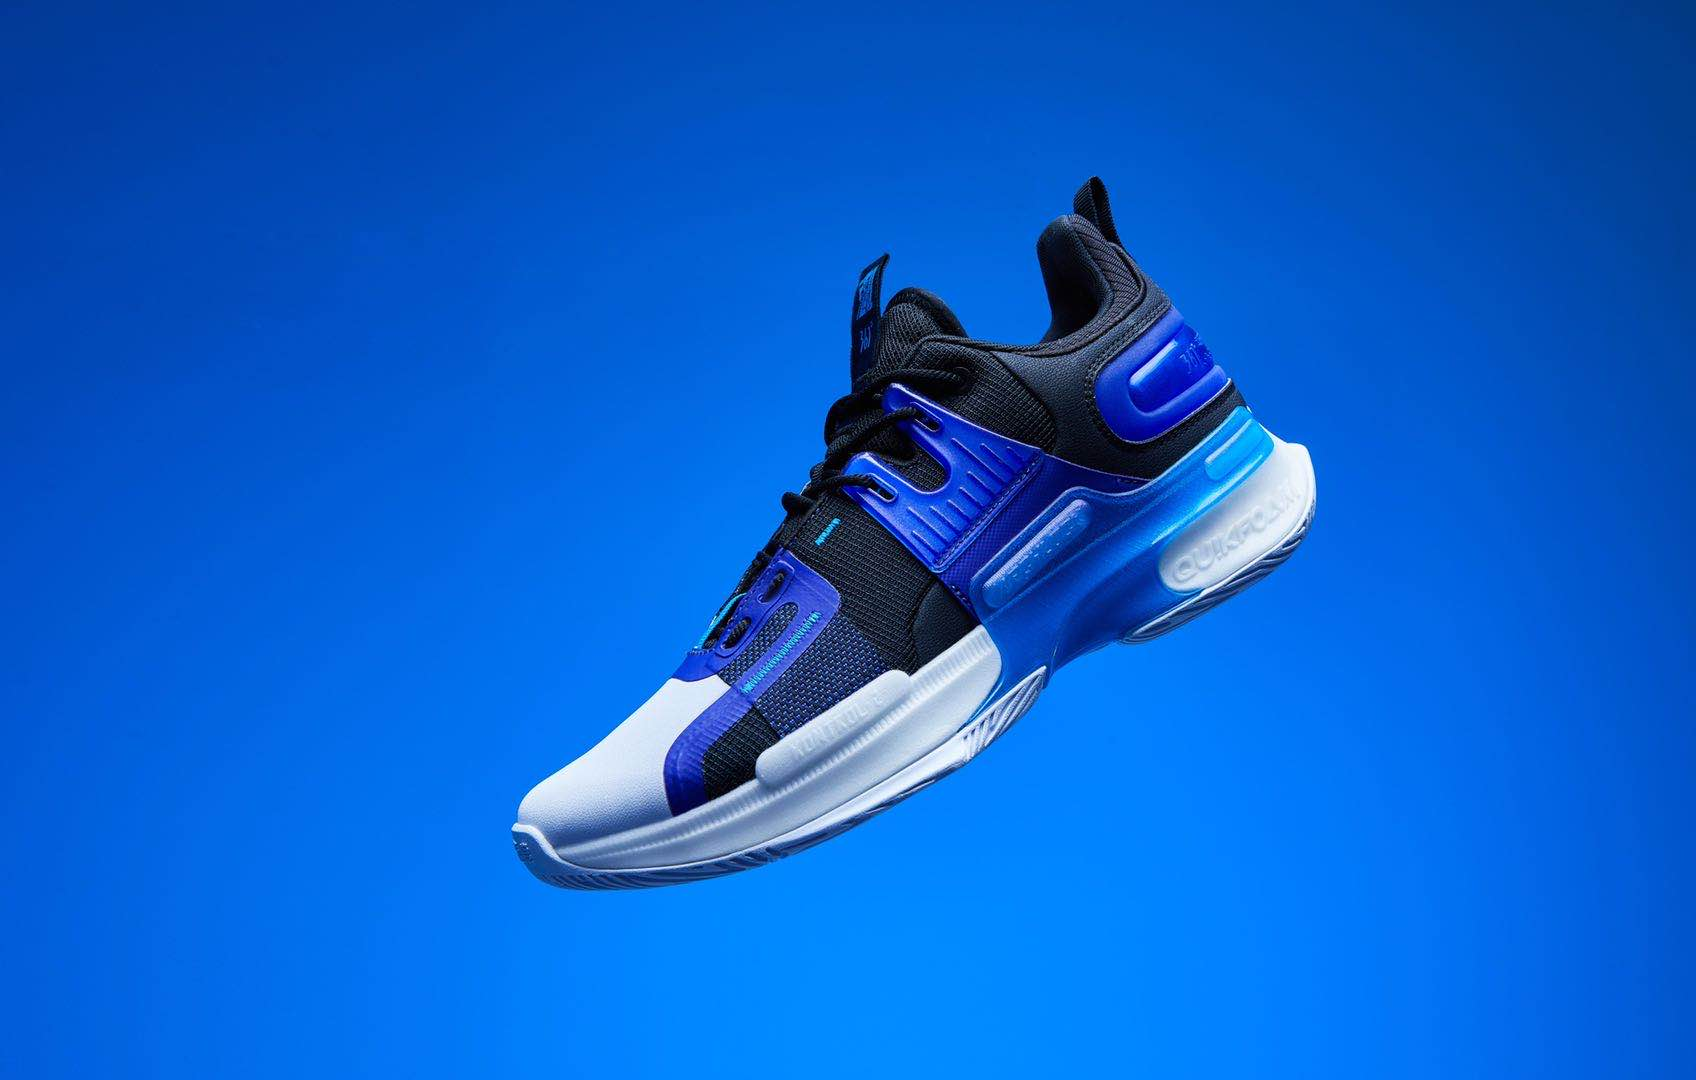 361°,克制 2,可兰白克,发售  361° 为中国球星打造的新战靴!全新克制 2 本周发售!